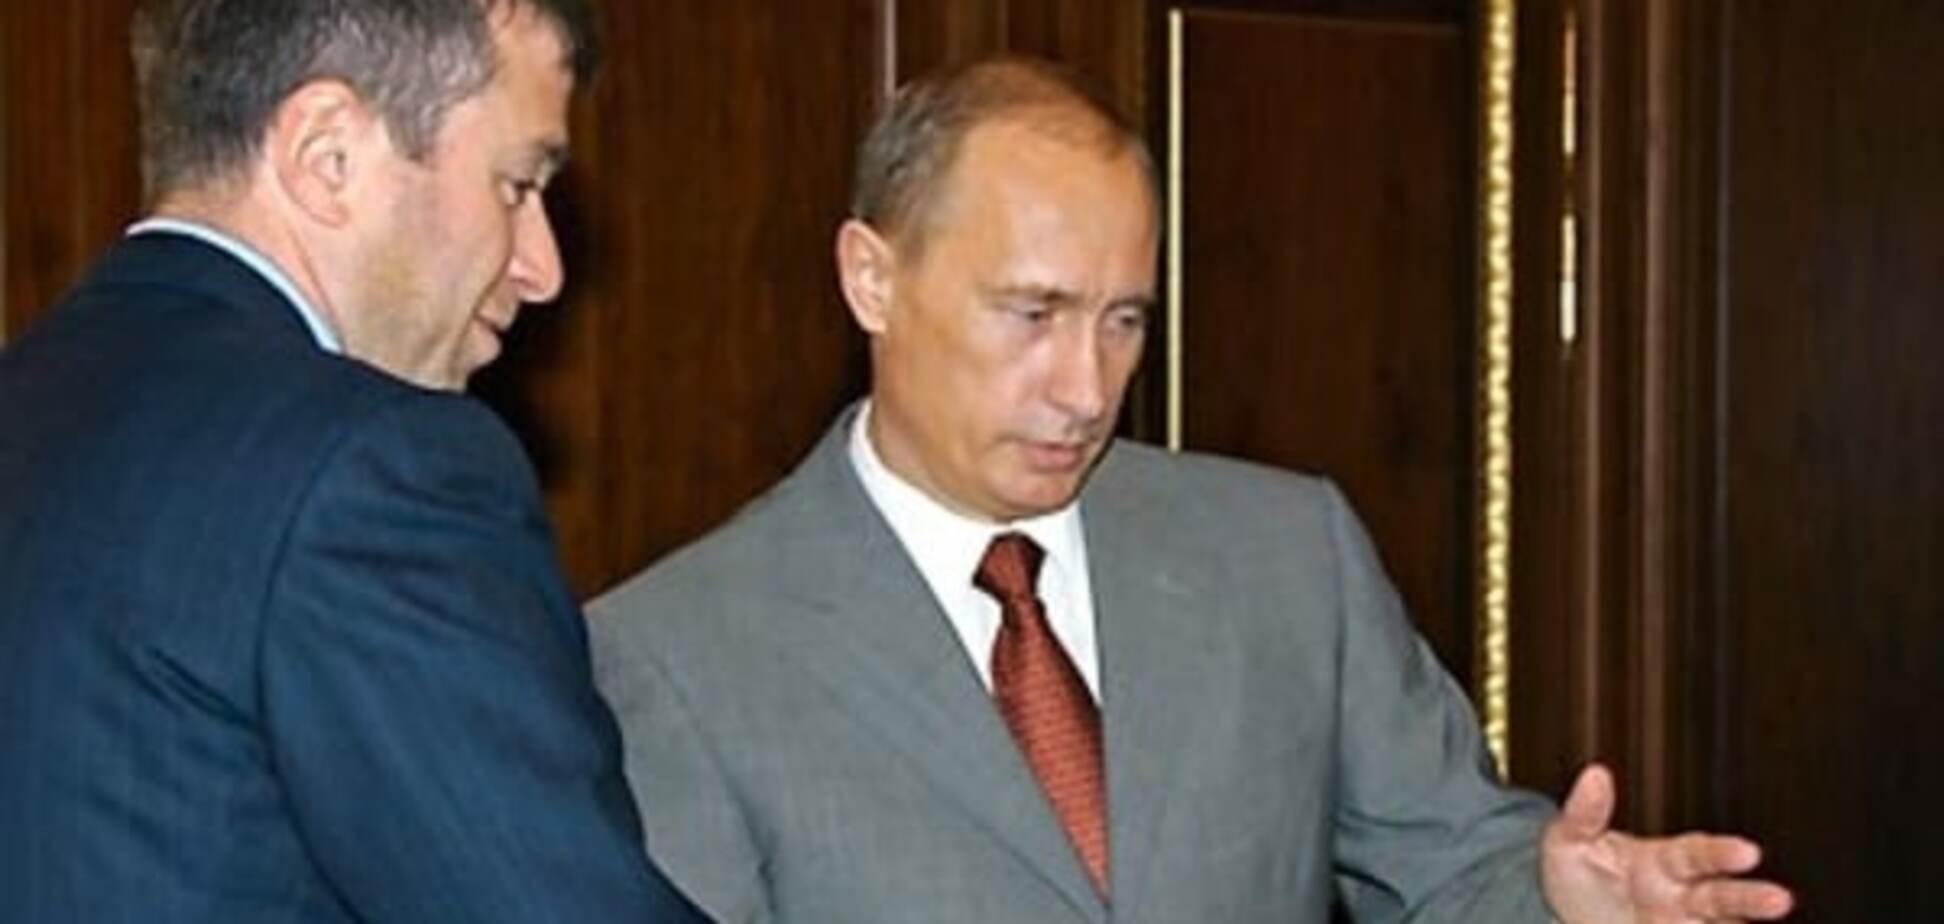 Инвестиция в будущее: Абрамович дал Путину взятку в $200 млн - BBC